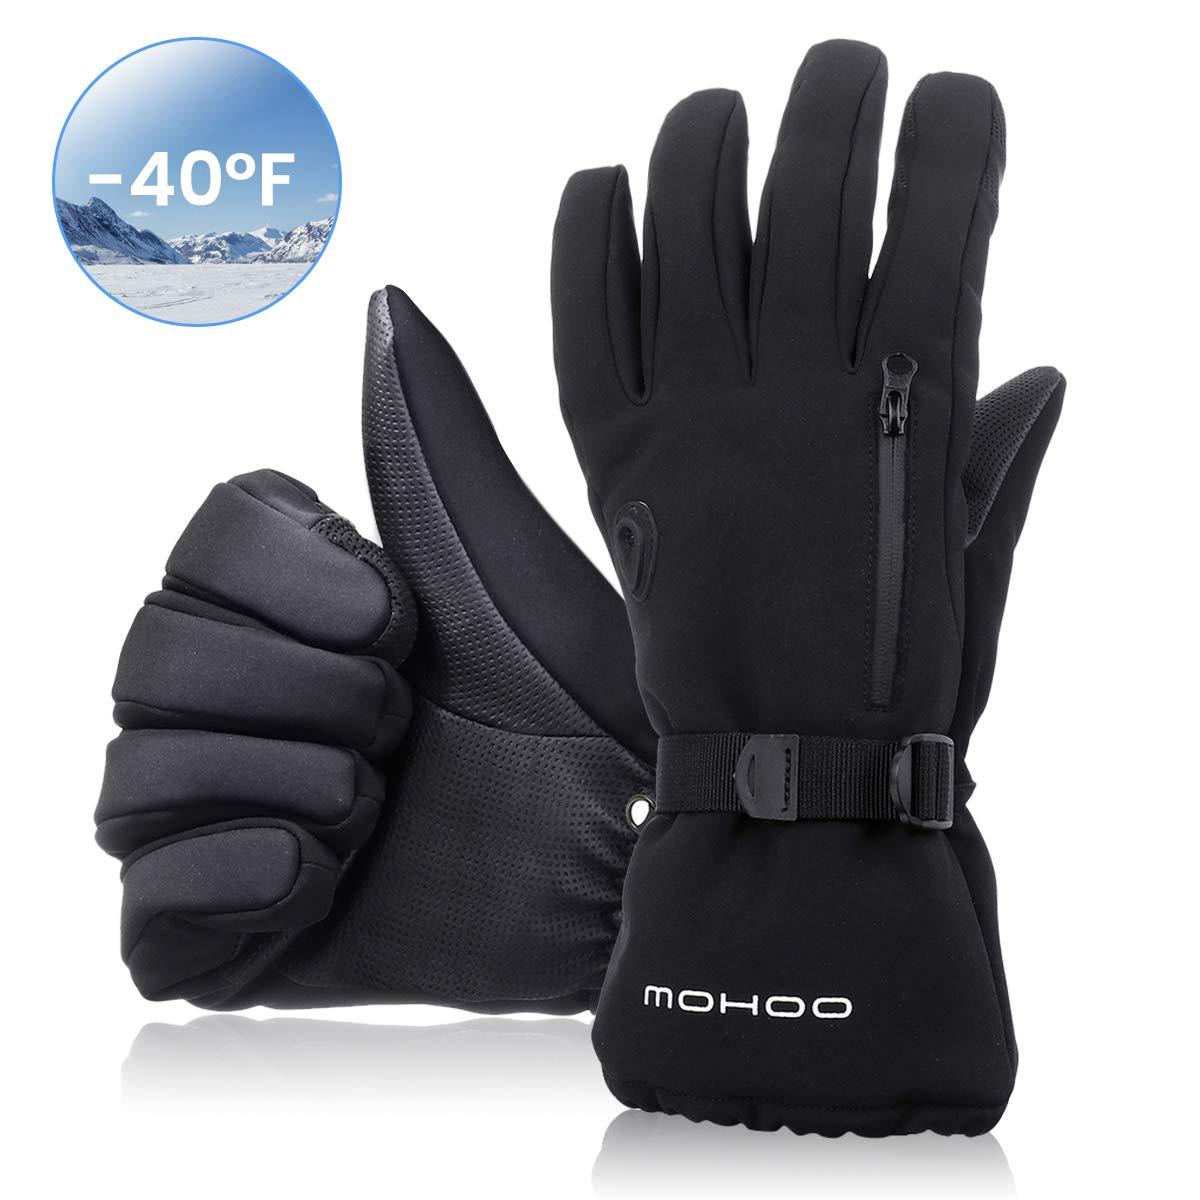 MOHOO Winterhandschuhe Herren Damen Skihandschuhe Wasserdicht Fahrradhandschuhe,Touchscreen Sporthandschuhe Thermische Warm und Atmungsaktiv f/ür Schnee Outdoor Motorradfahren Radfahren Wandern